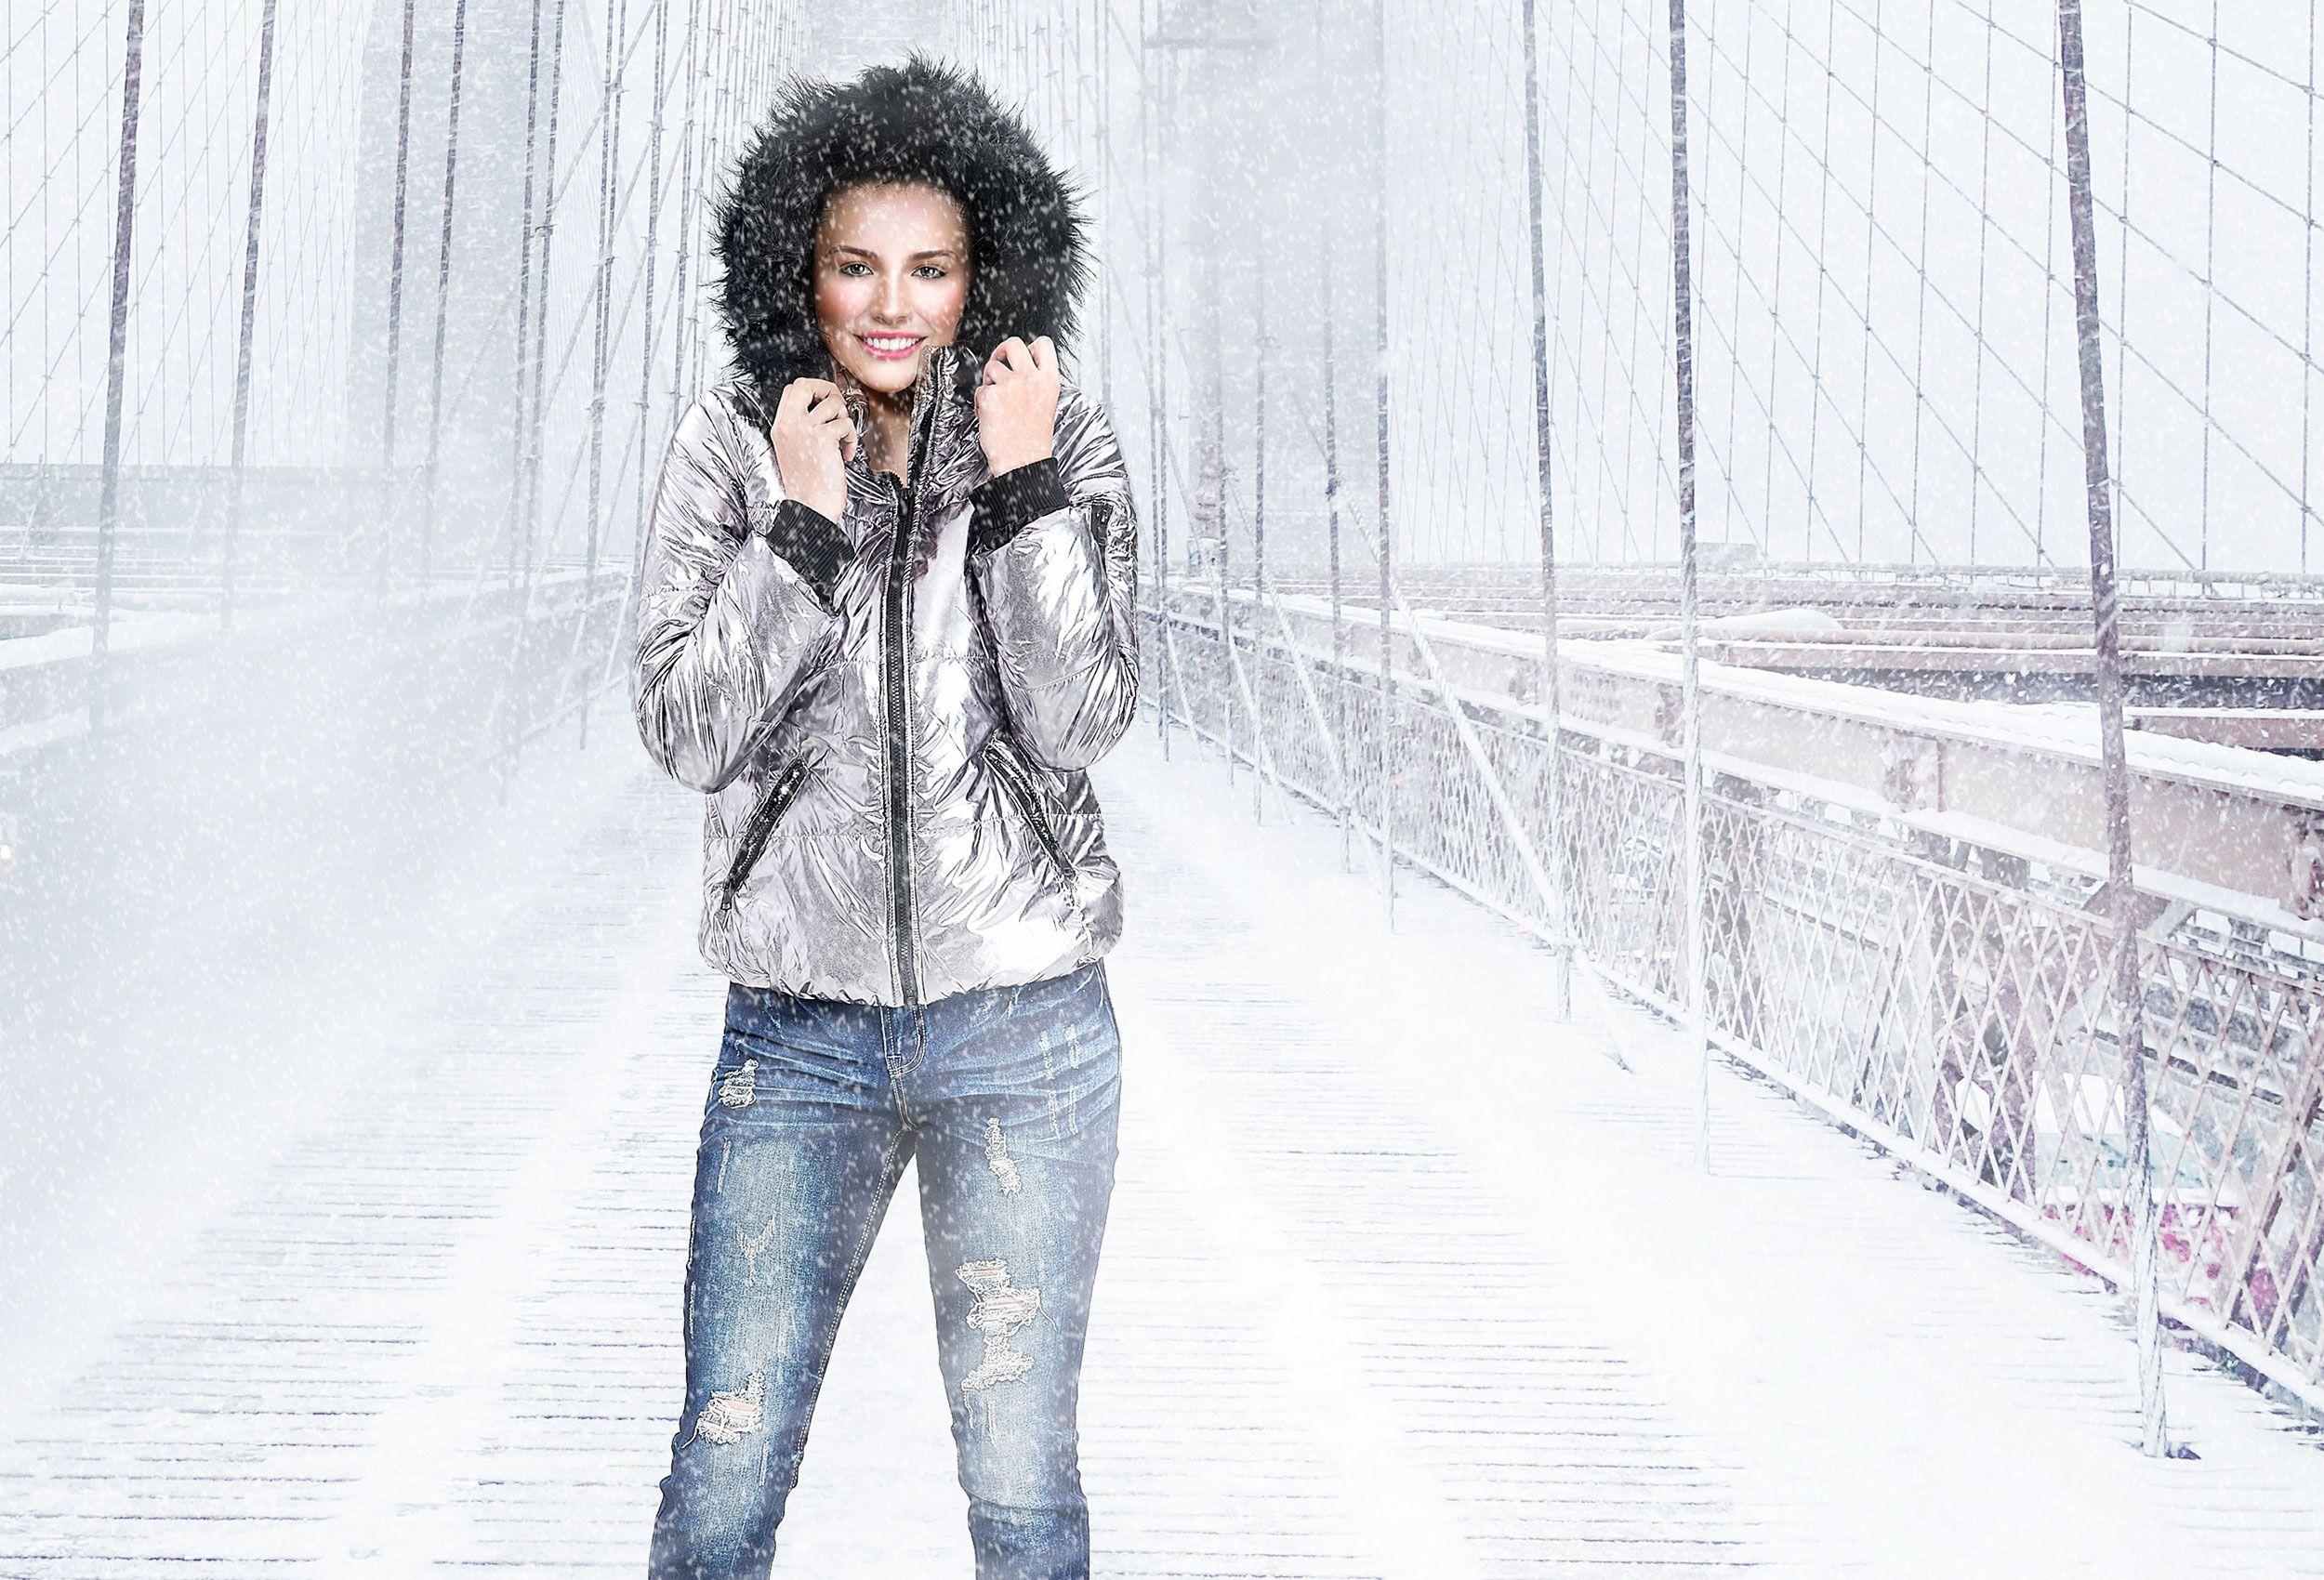 Bridge-in-Snow_SM2.jpg